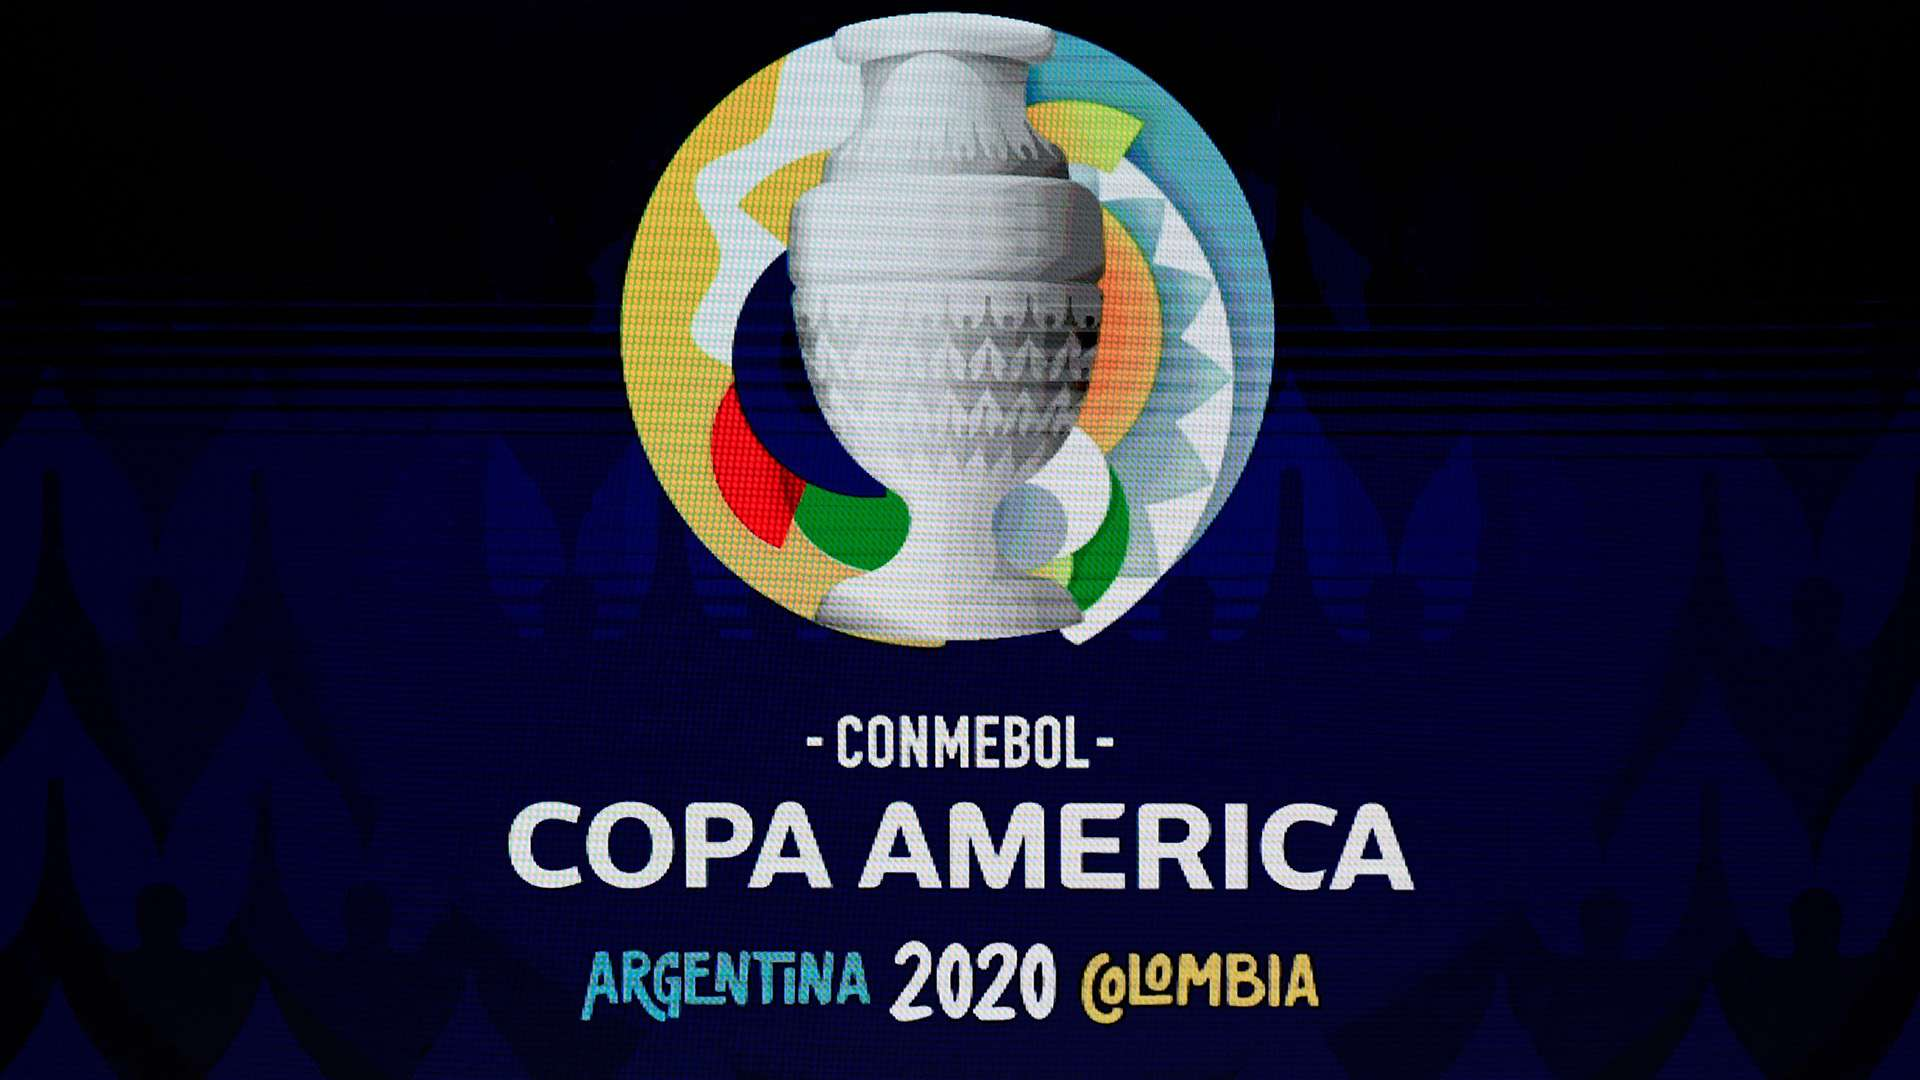 CONMEBOL To Move Copa America To 2021